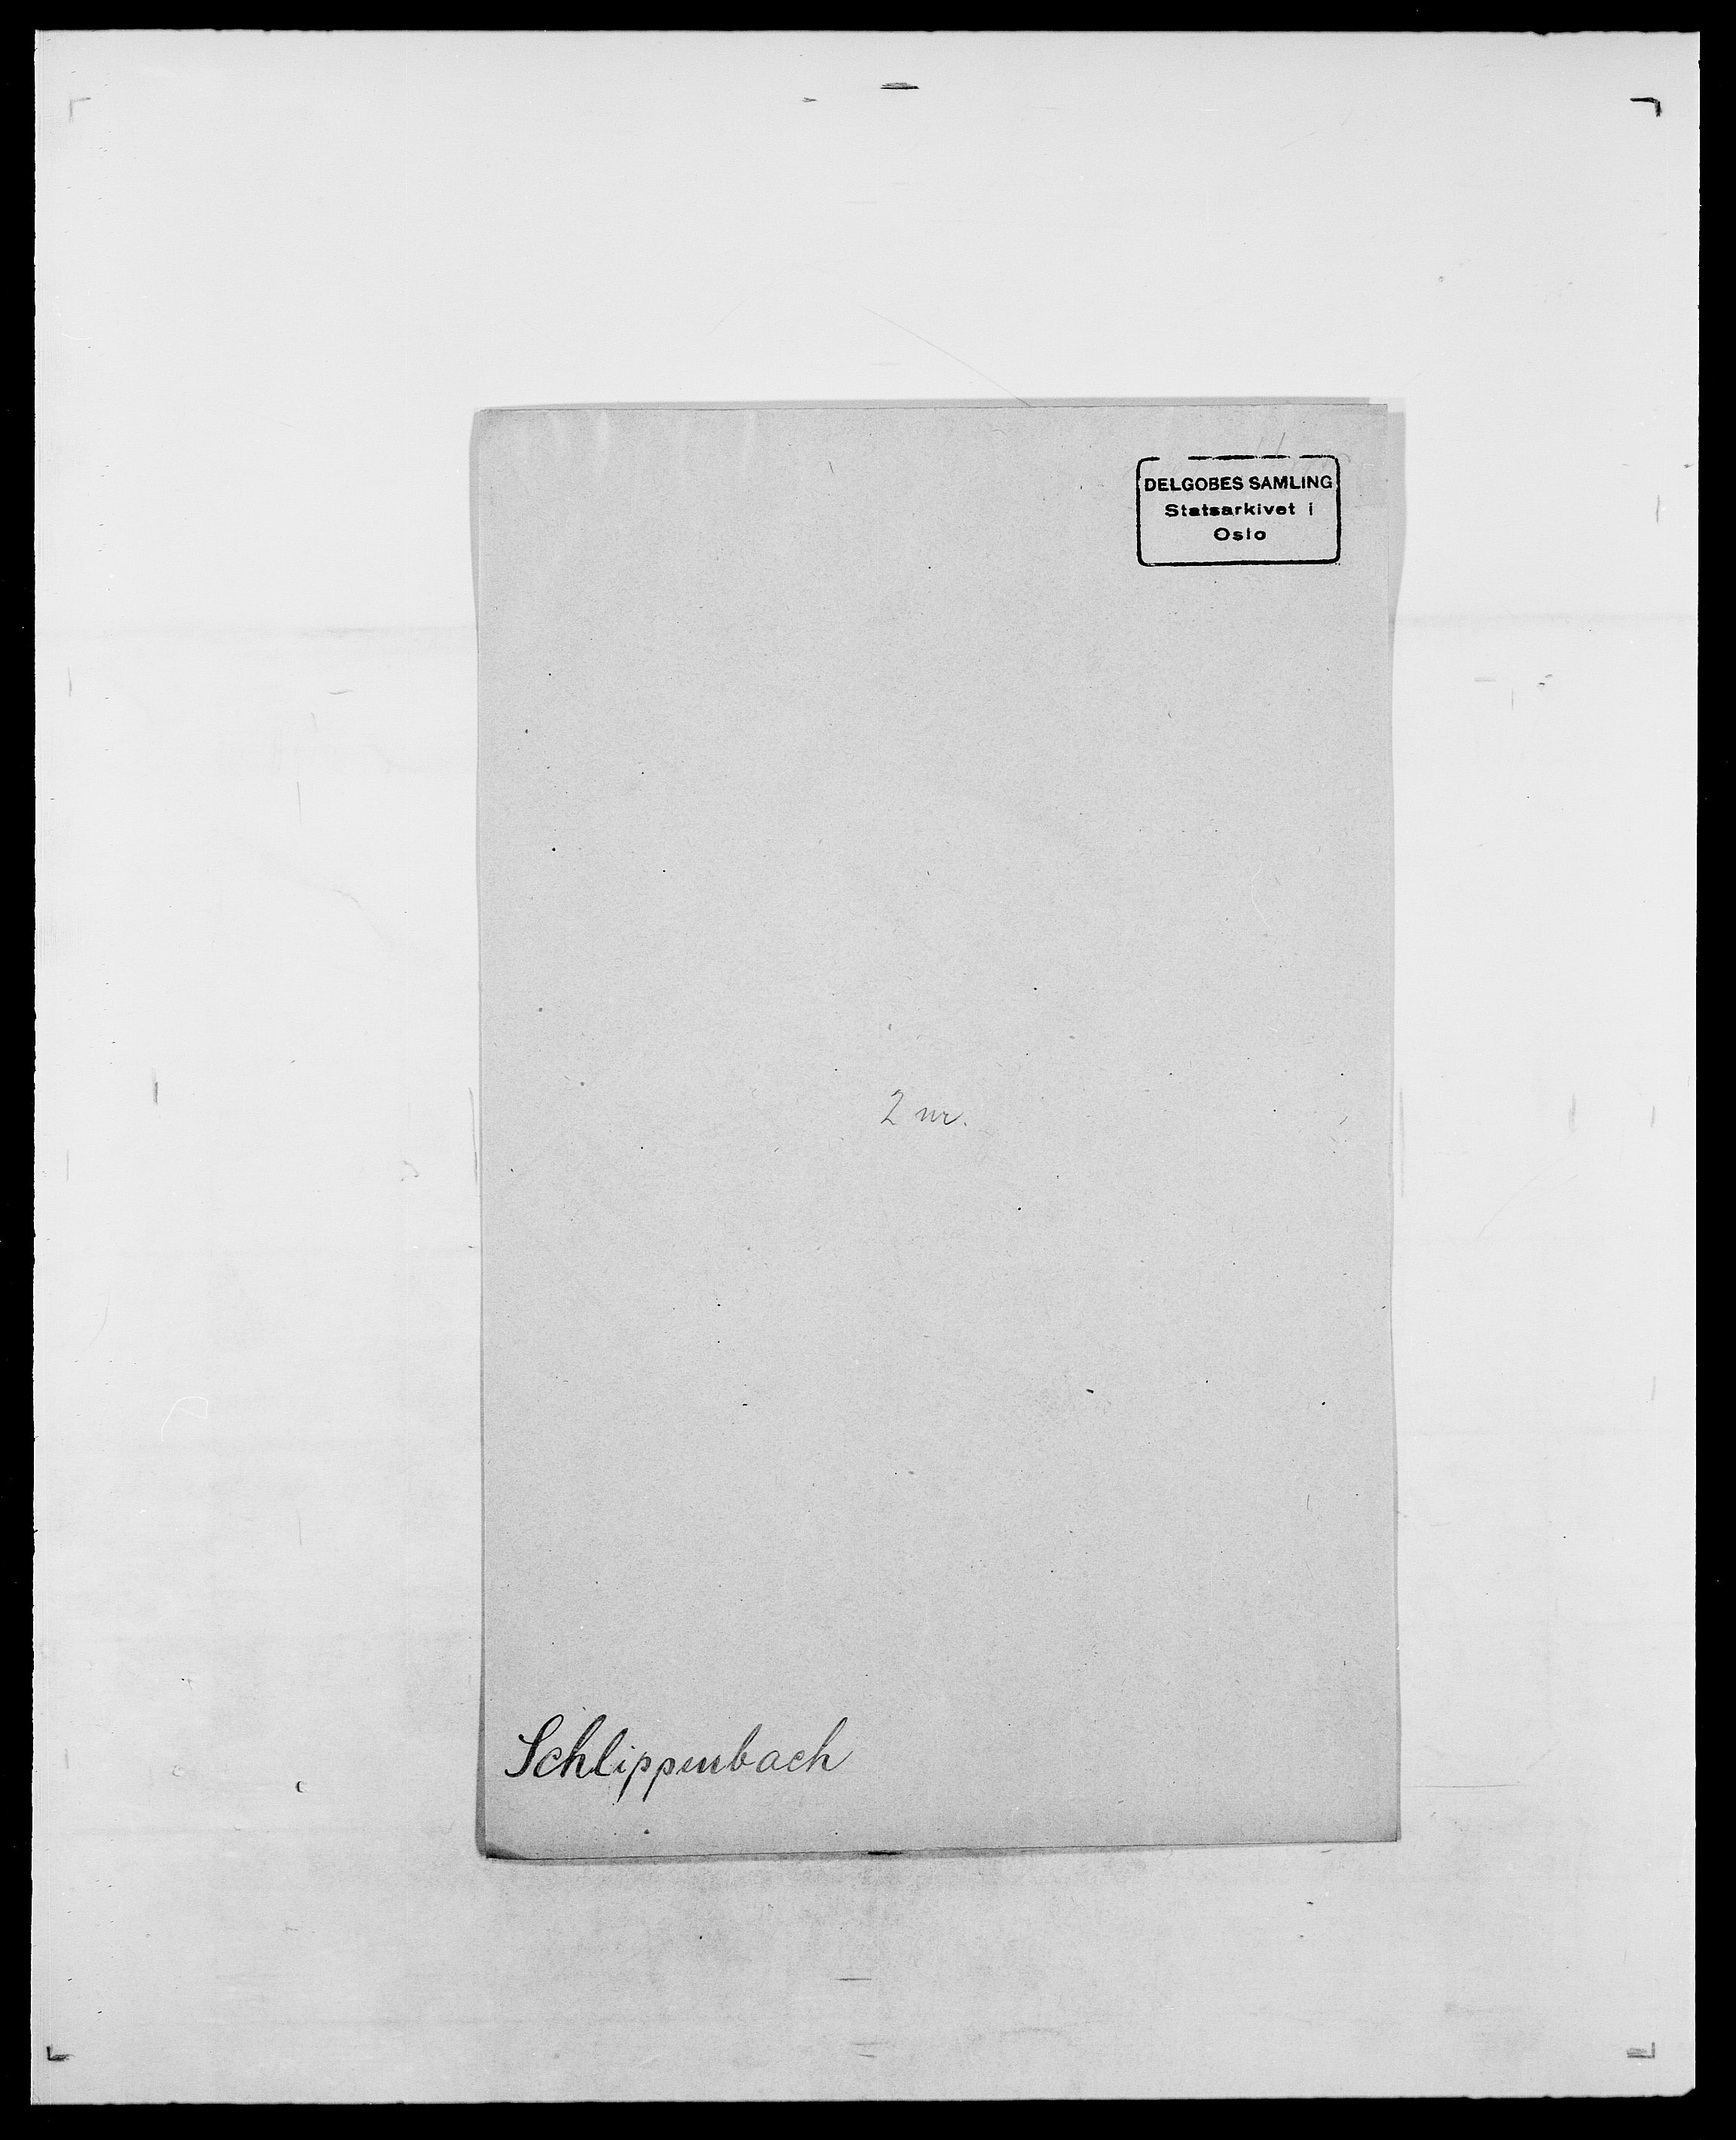 SAO, Delgobe, Charles Antoine - samling, D/Da/L0034: Saabye - Schmincke, s. 821